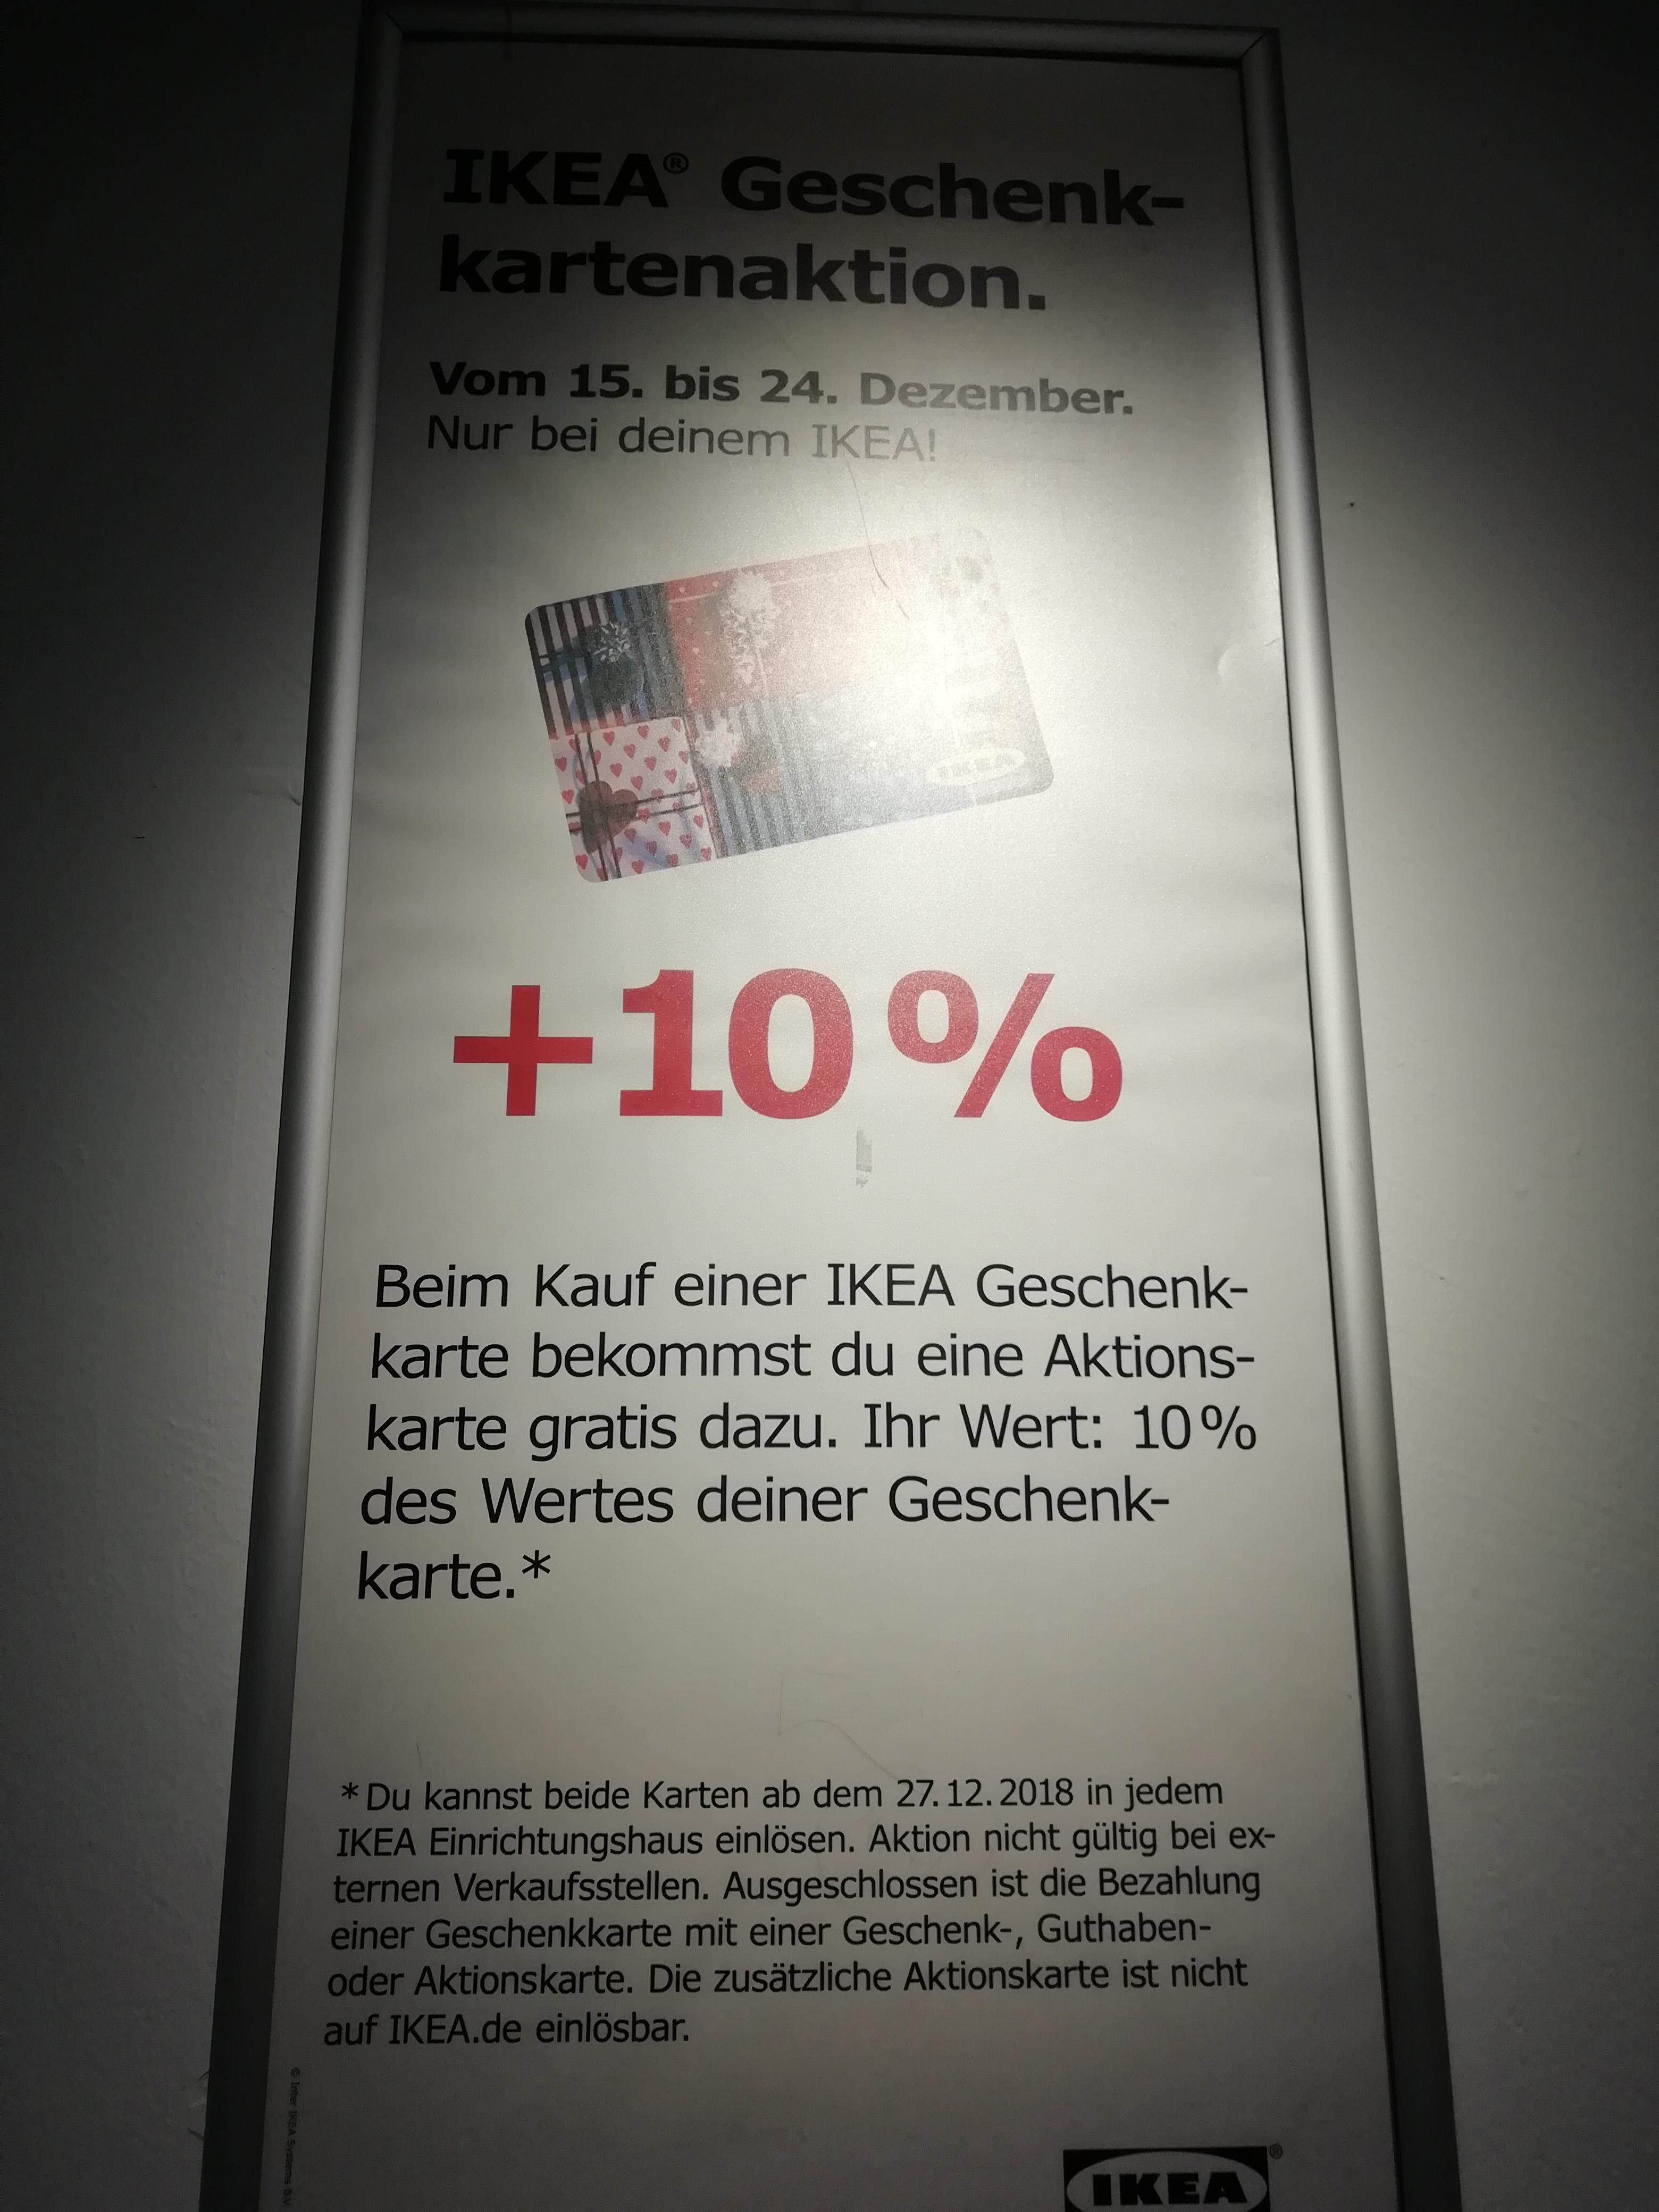 Ab 1512 Ikea Geschenkkarten Aktion 10 Vom Wert Als